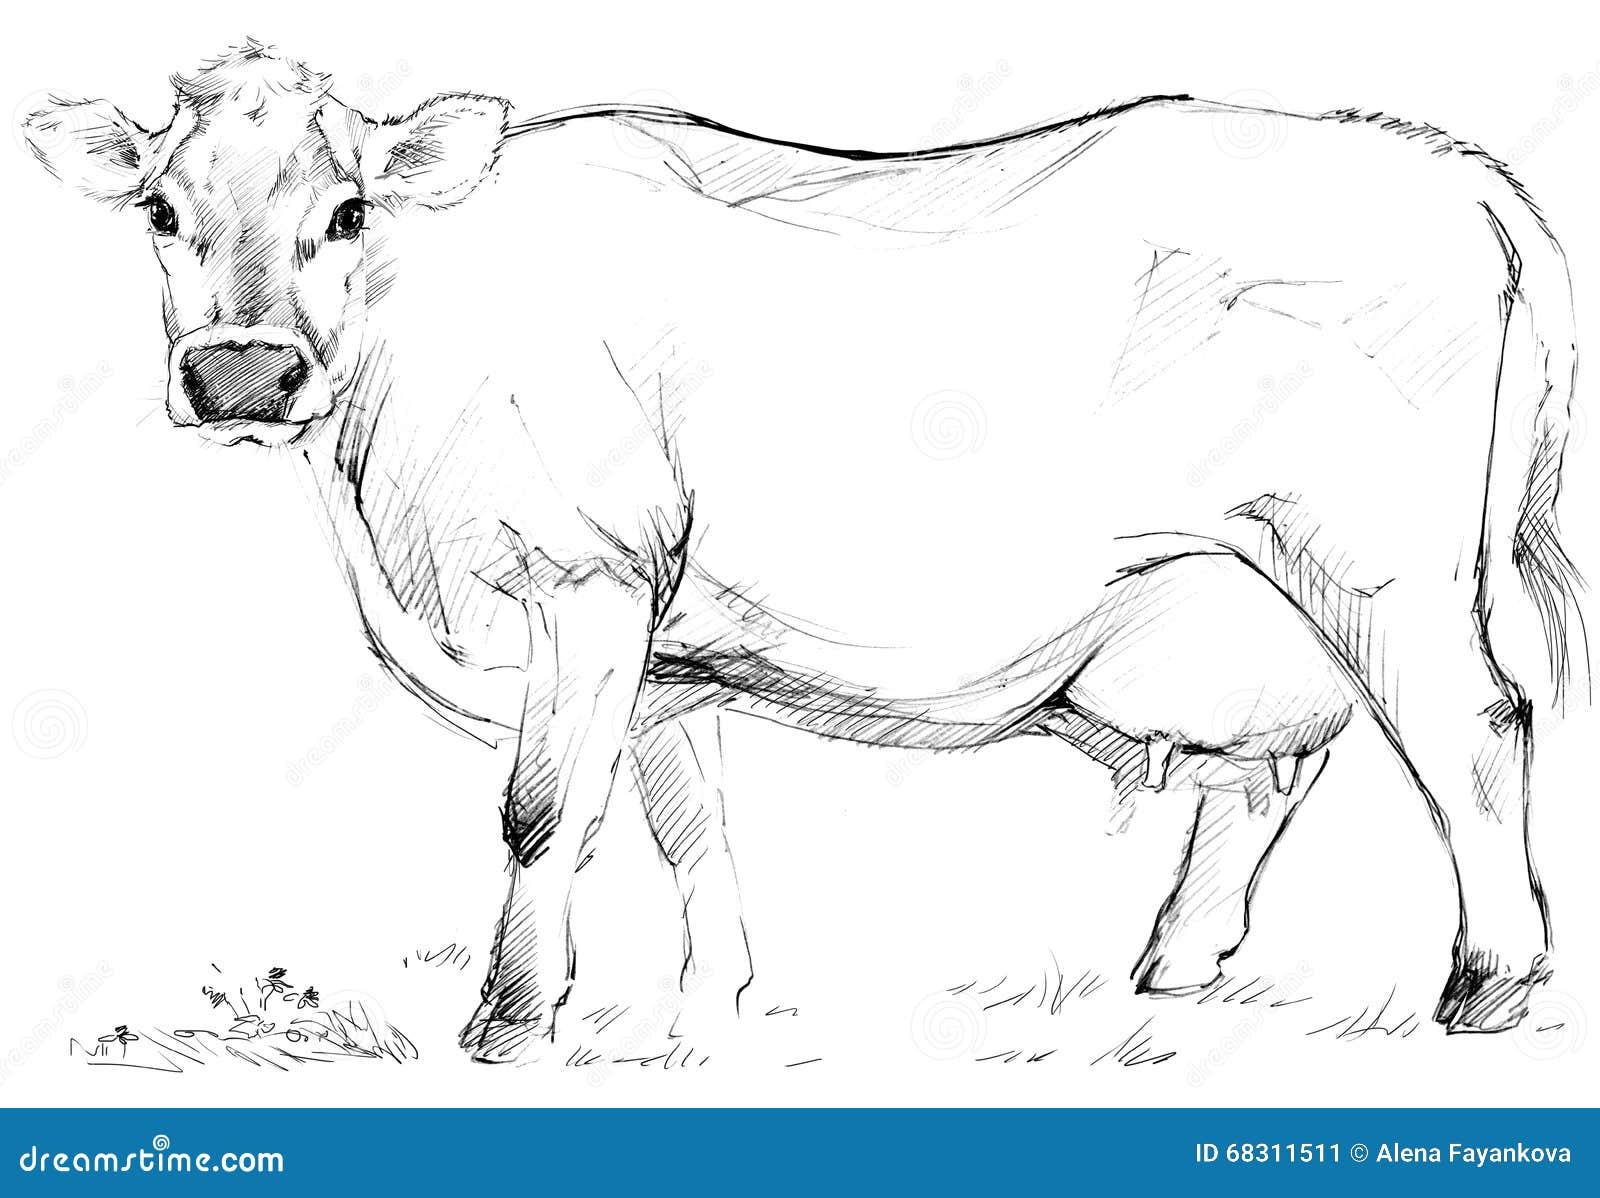 Cow sketch dairy cow pencil sketch stock illustration